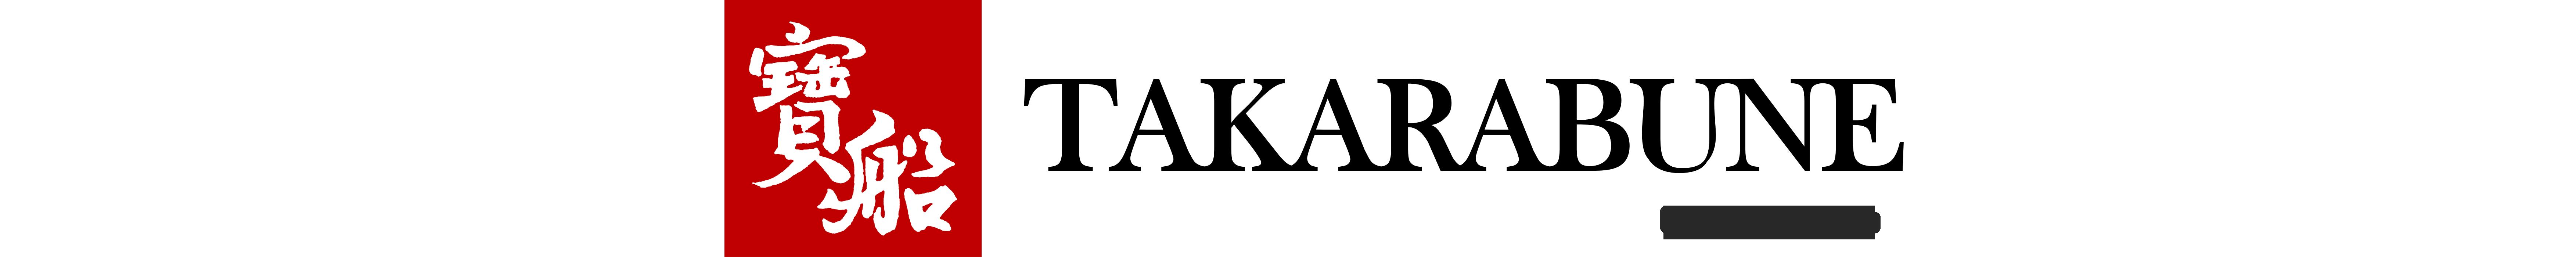 寶船オンラインショップ|TAKARABUNE Online Shop